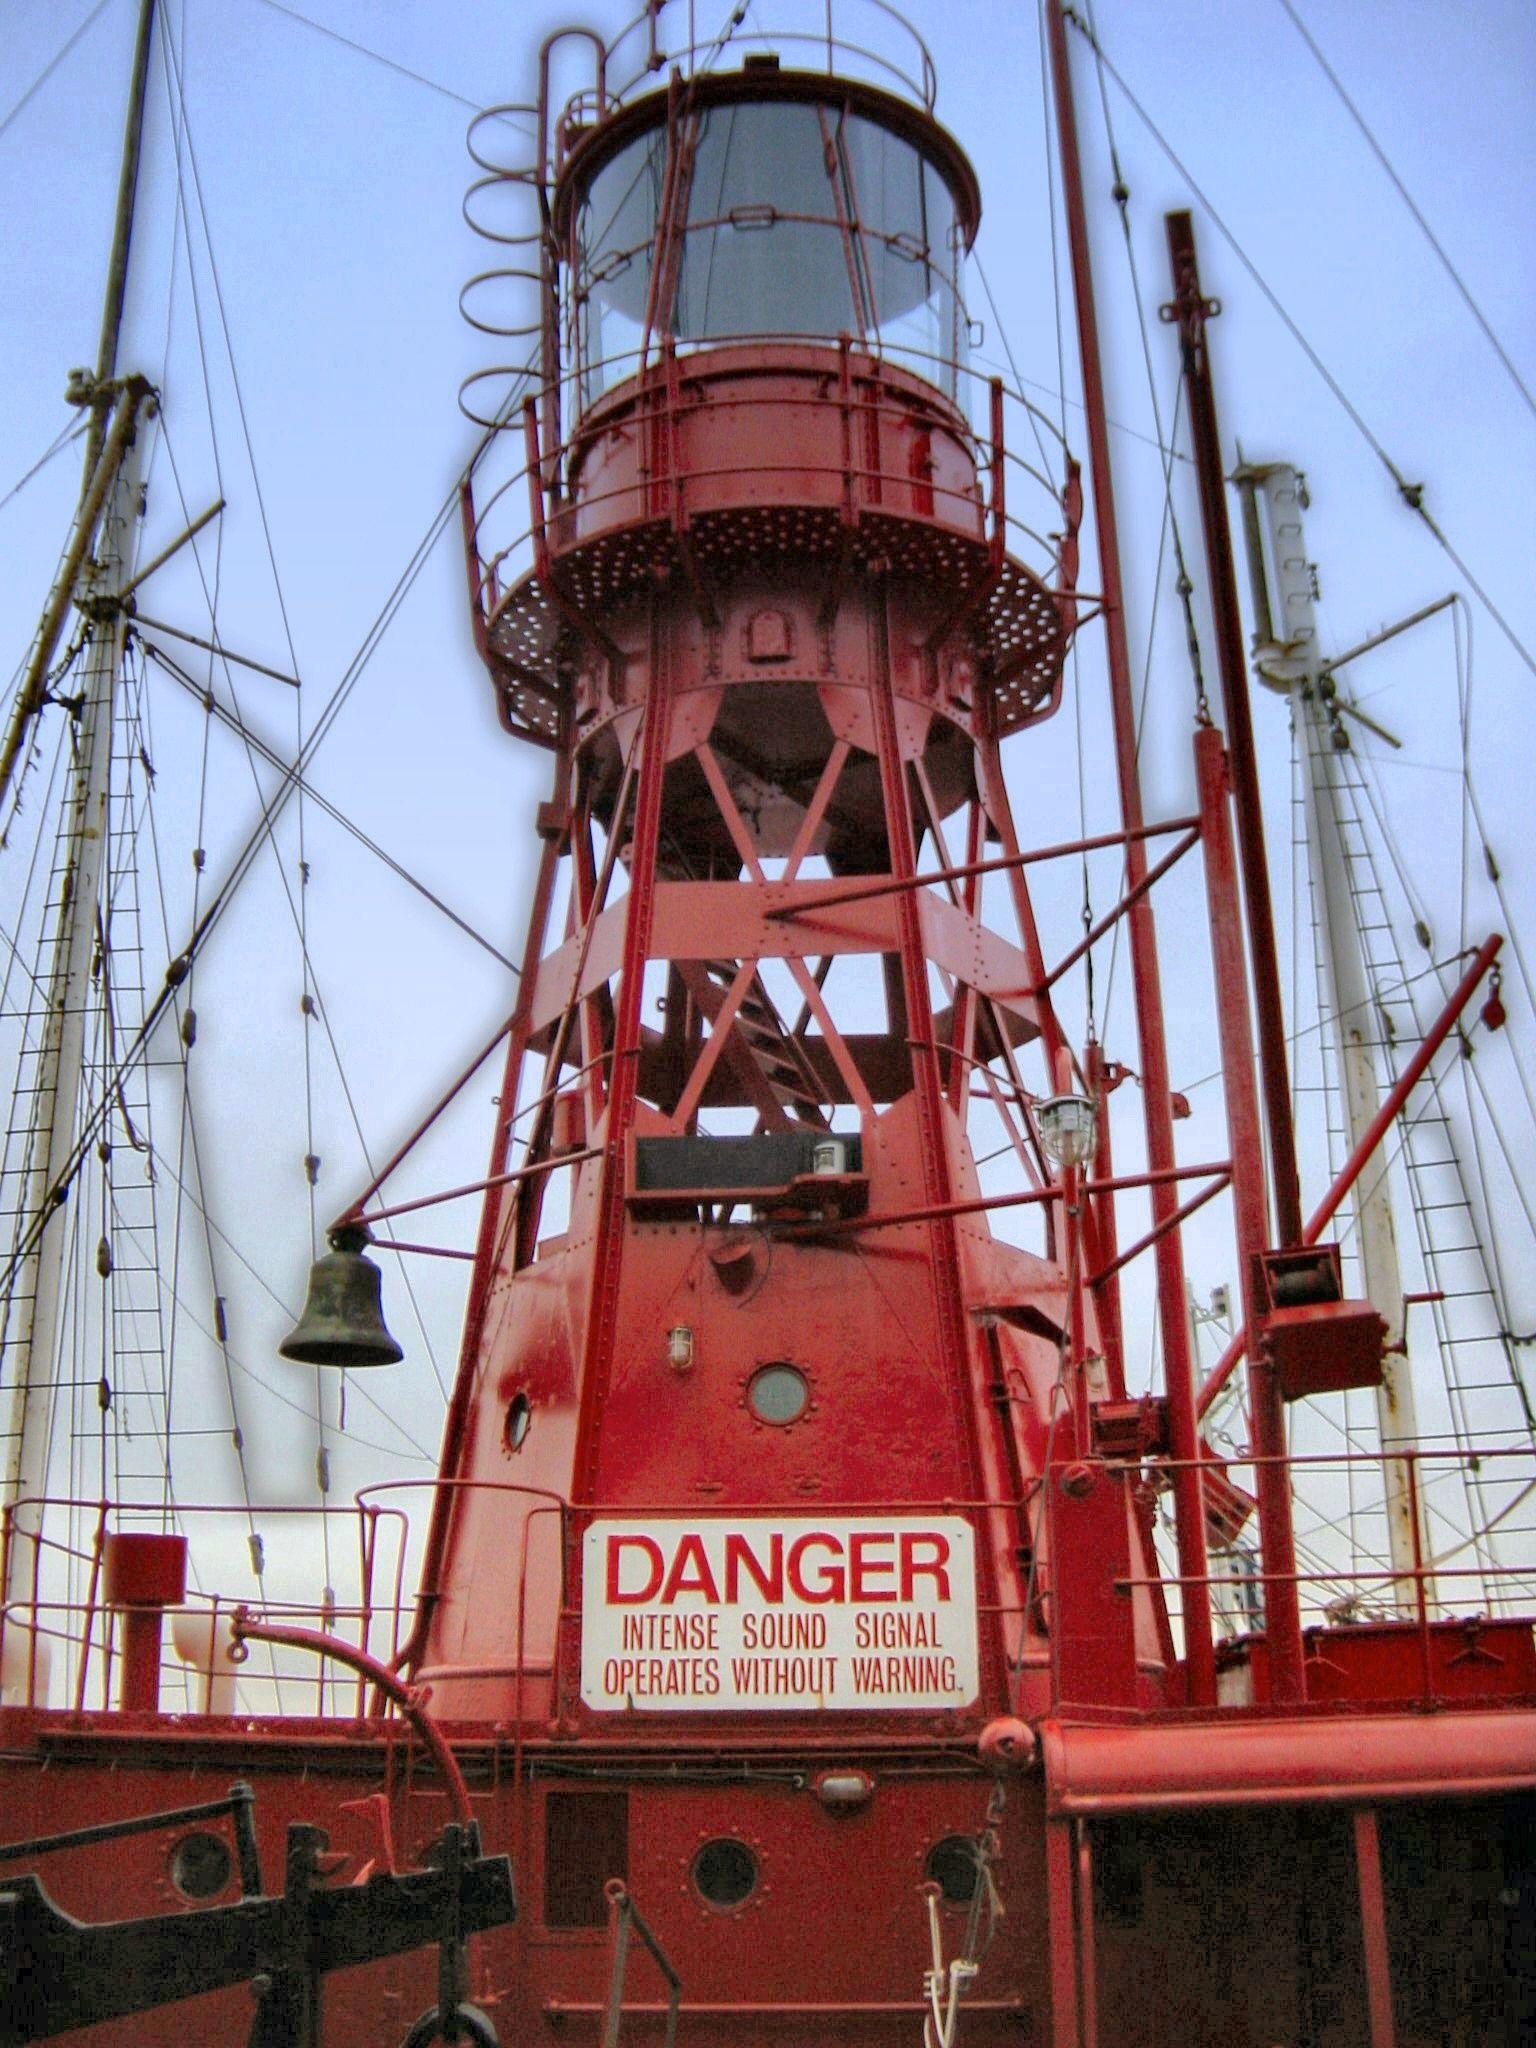 Lightship tower  #AnInfomatiqueFavorite